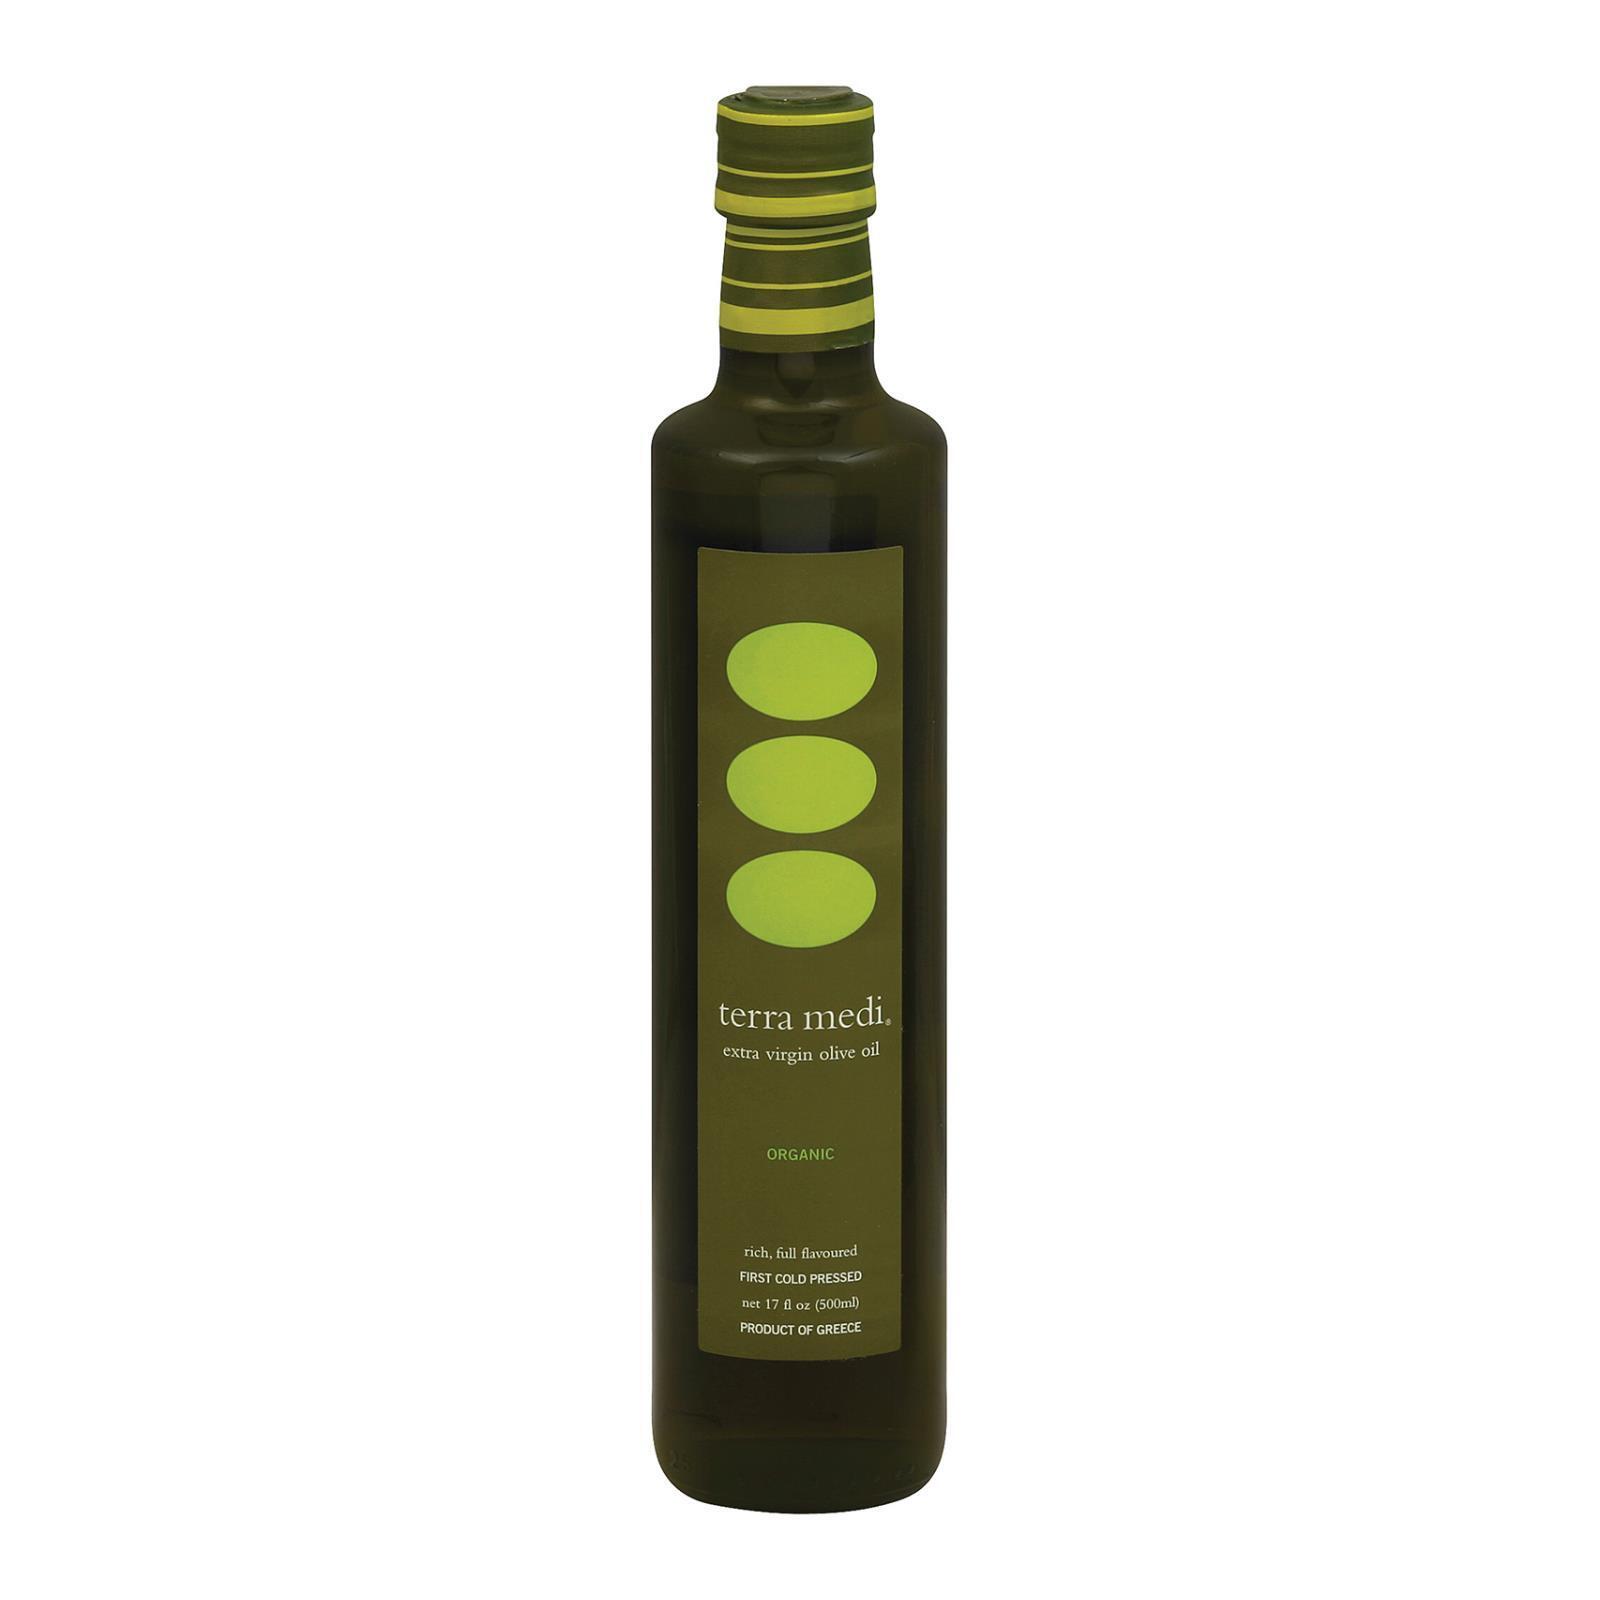 Terra Medi Olive Oil - Extra Virgin Medium - Case of 6 - 17 Fl oz.